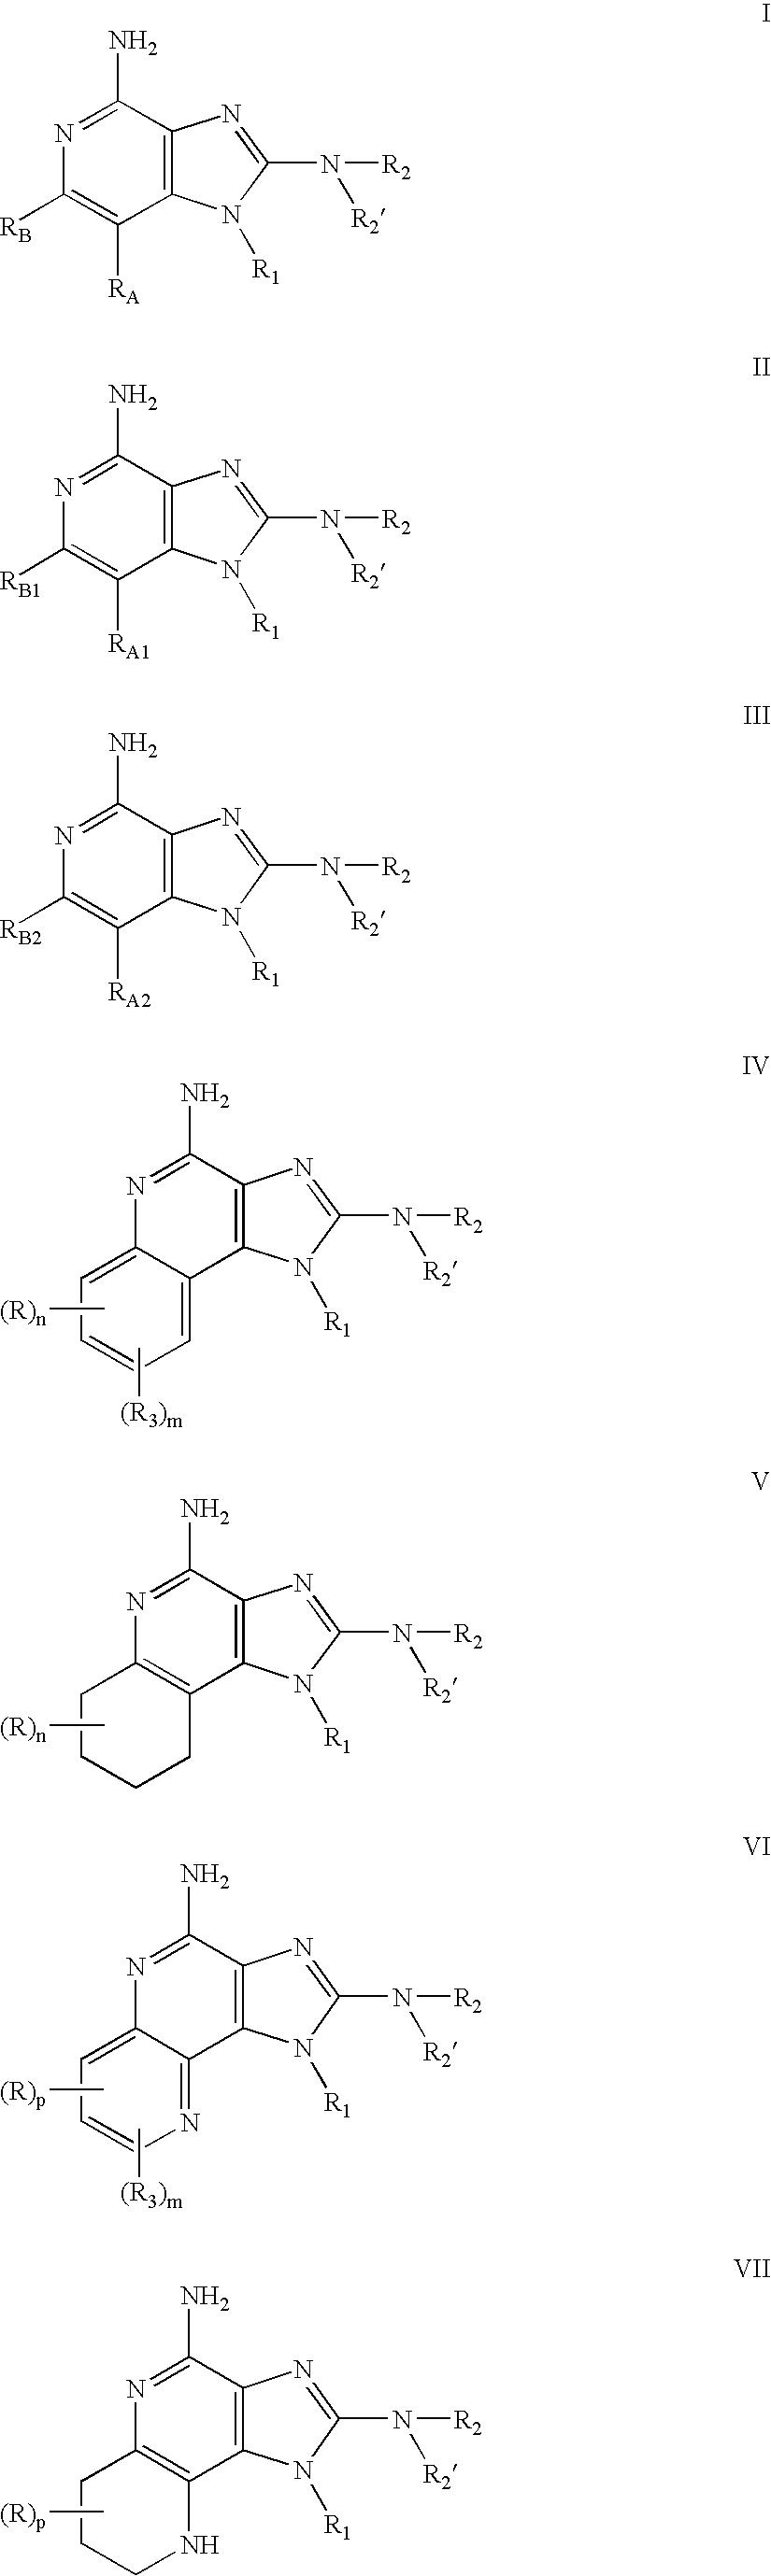 Figure US20090023720A1-20090122-C00003